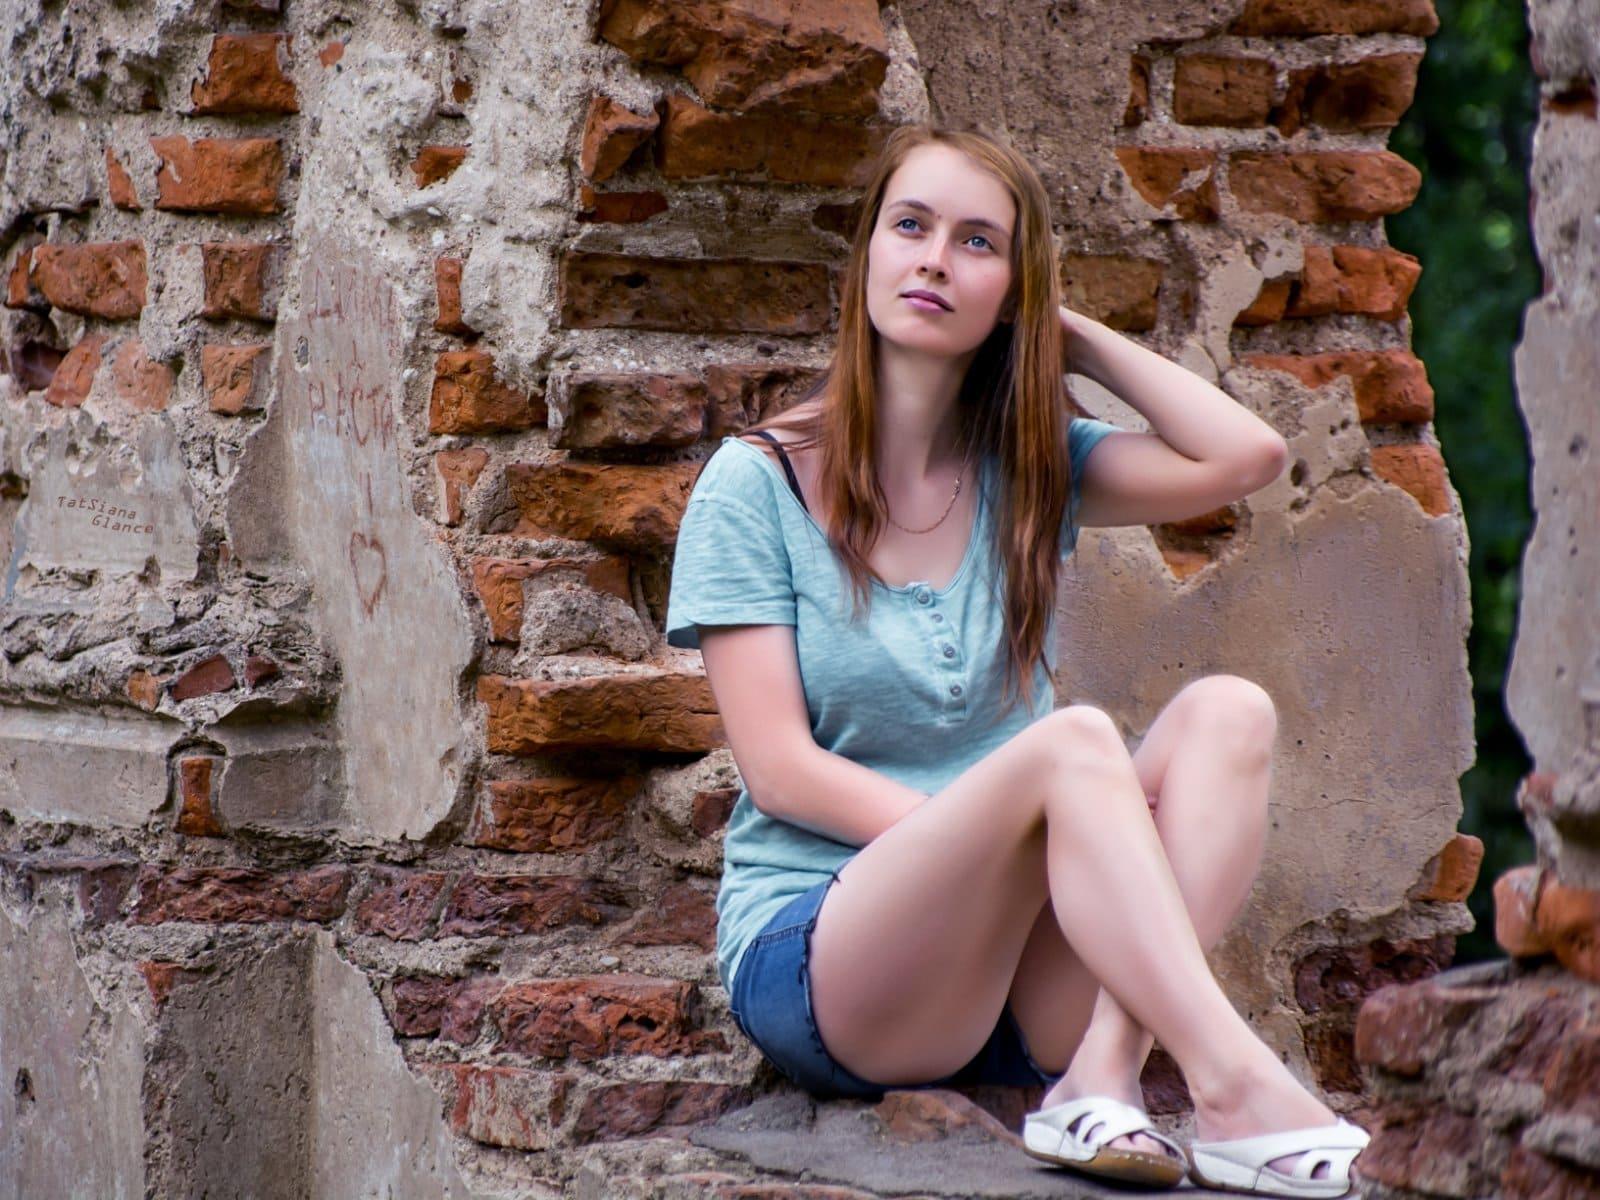 #фотосессия, #фотограф, #фотосессия_в_парке, #фотограф_минск, #портрет, женский_портрет